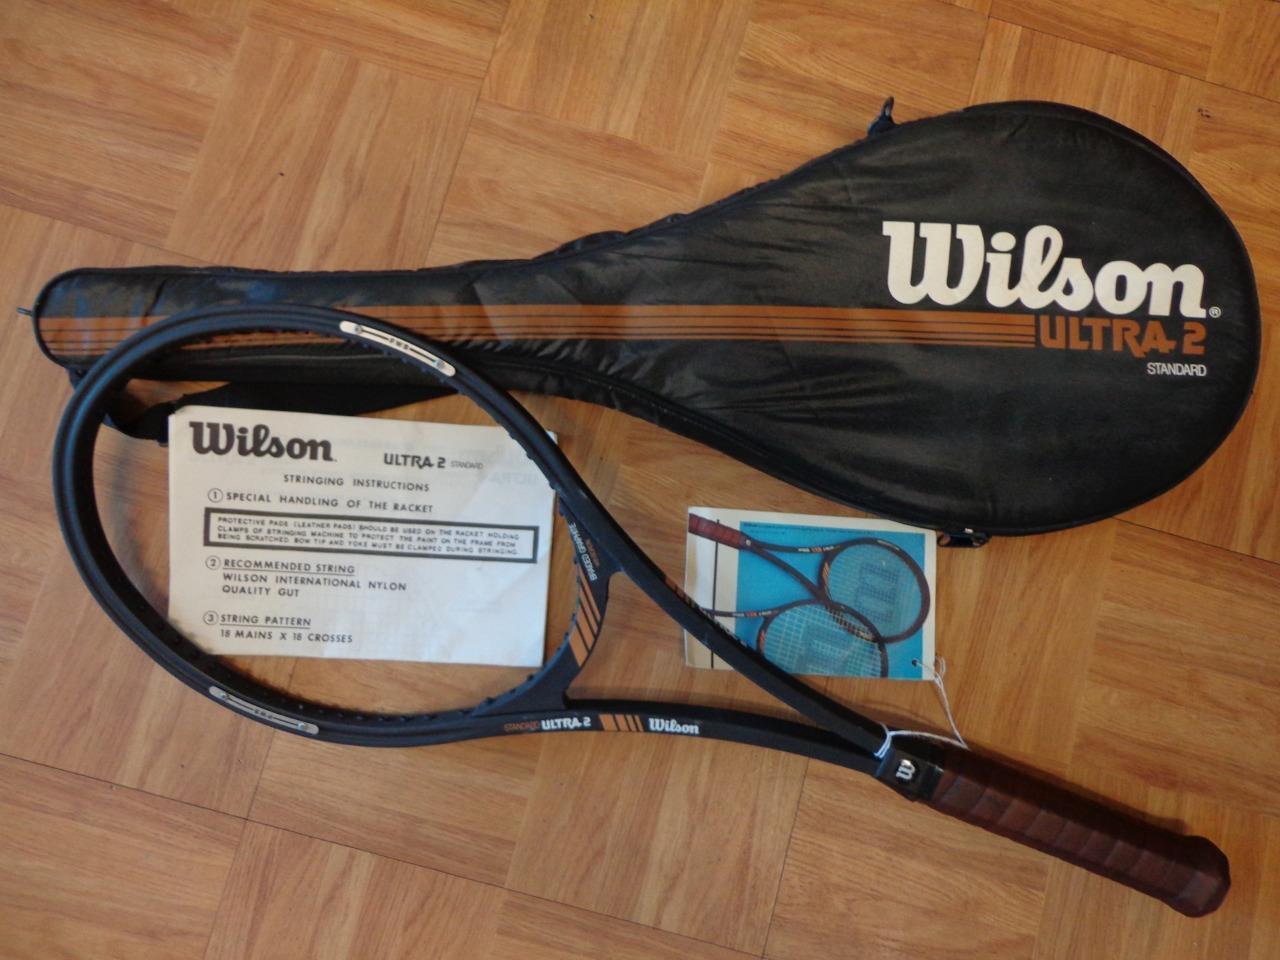 Nuevo Wilson Ultra 2 estándar  2 75 cabeza 4 1 2 de agarre Original Rara tenis raqueta  Compra calidad 100% autentica